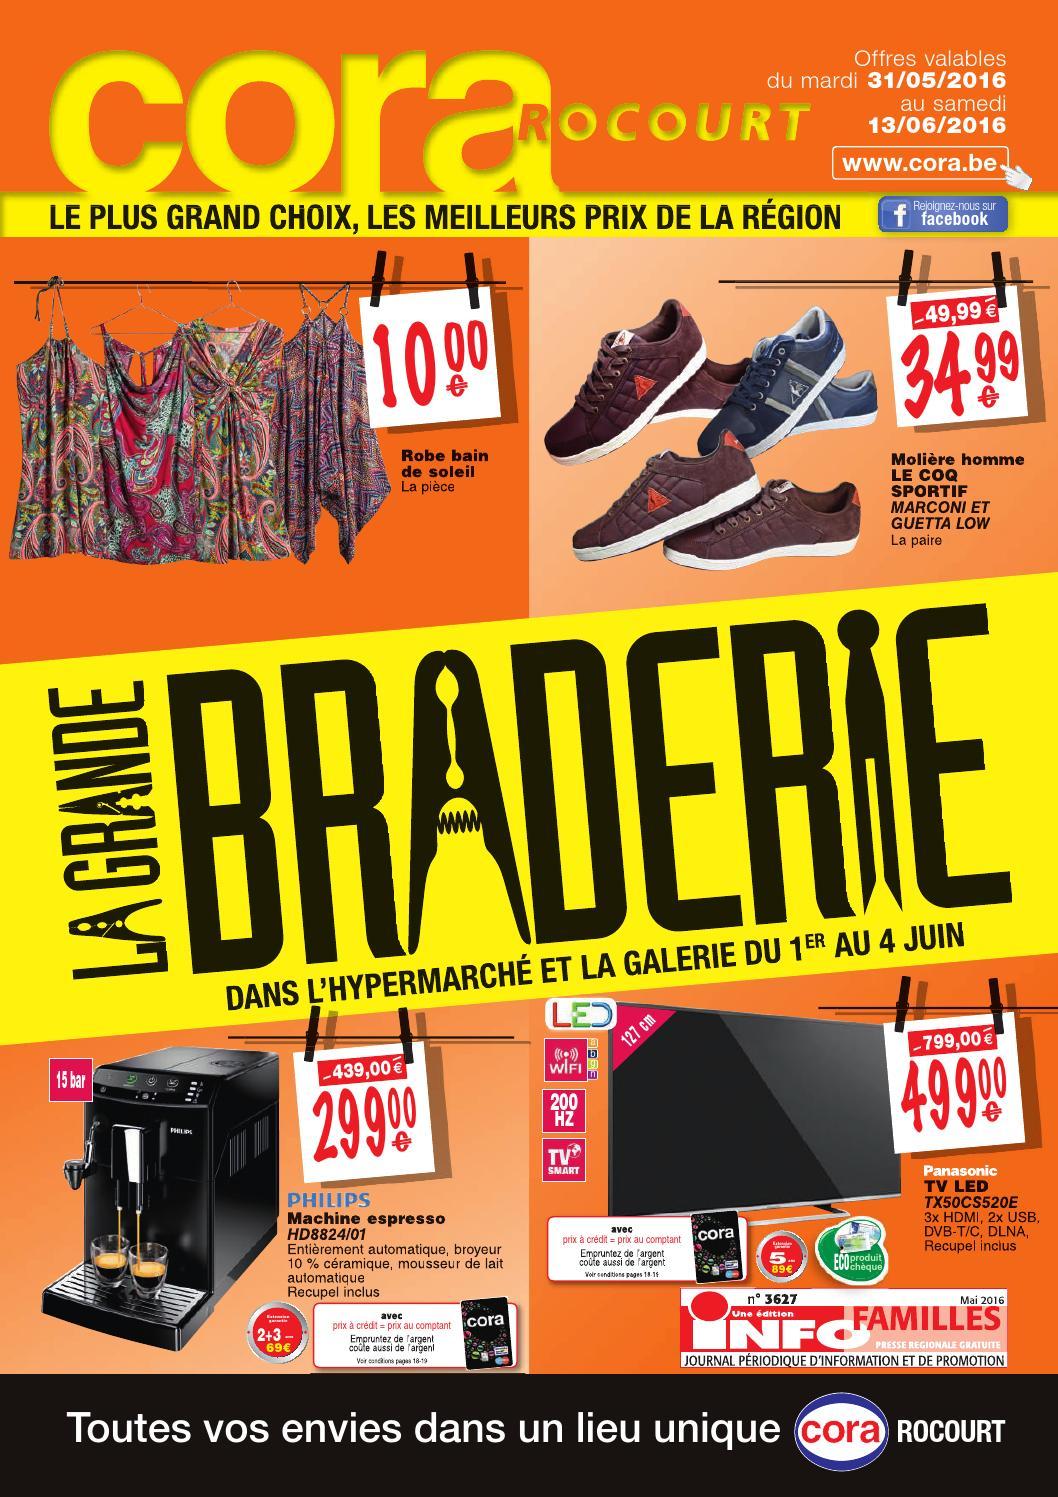 RO Braderie 31/05 by cora - issuu